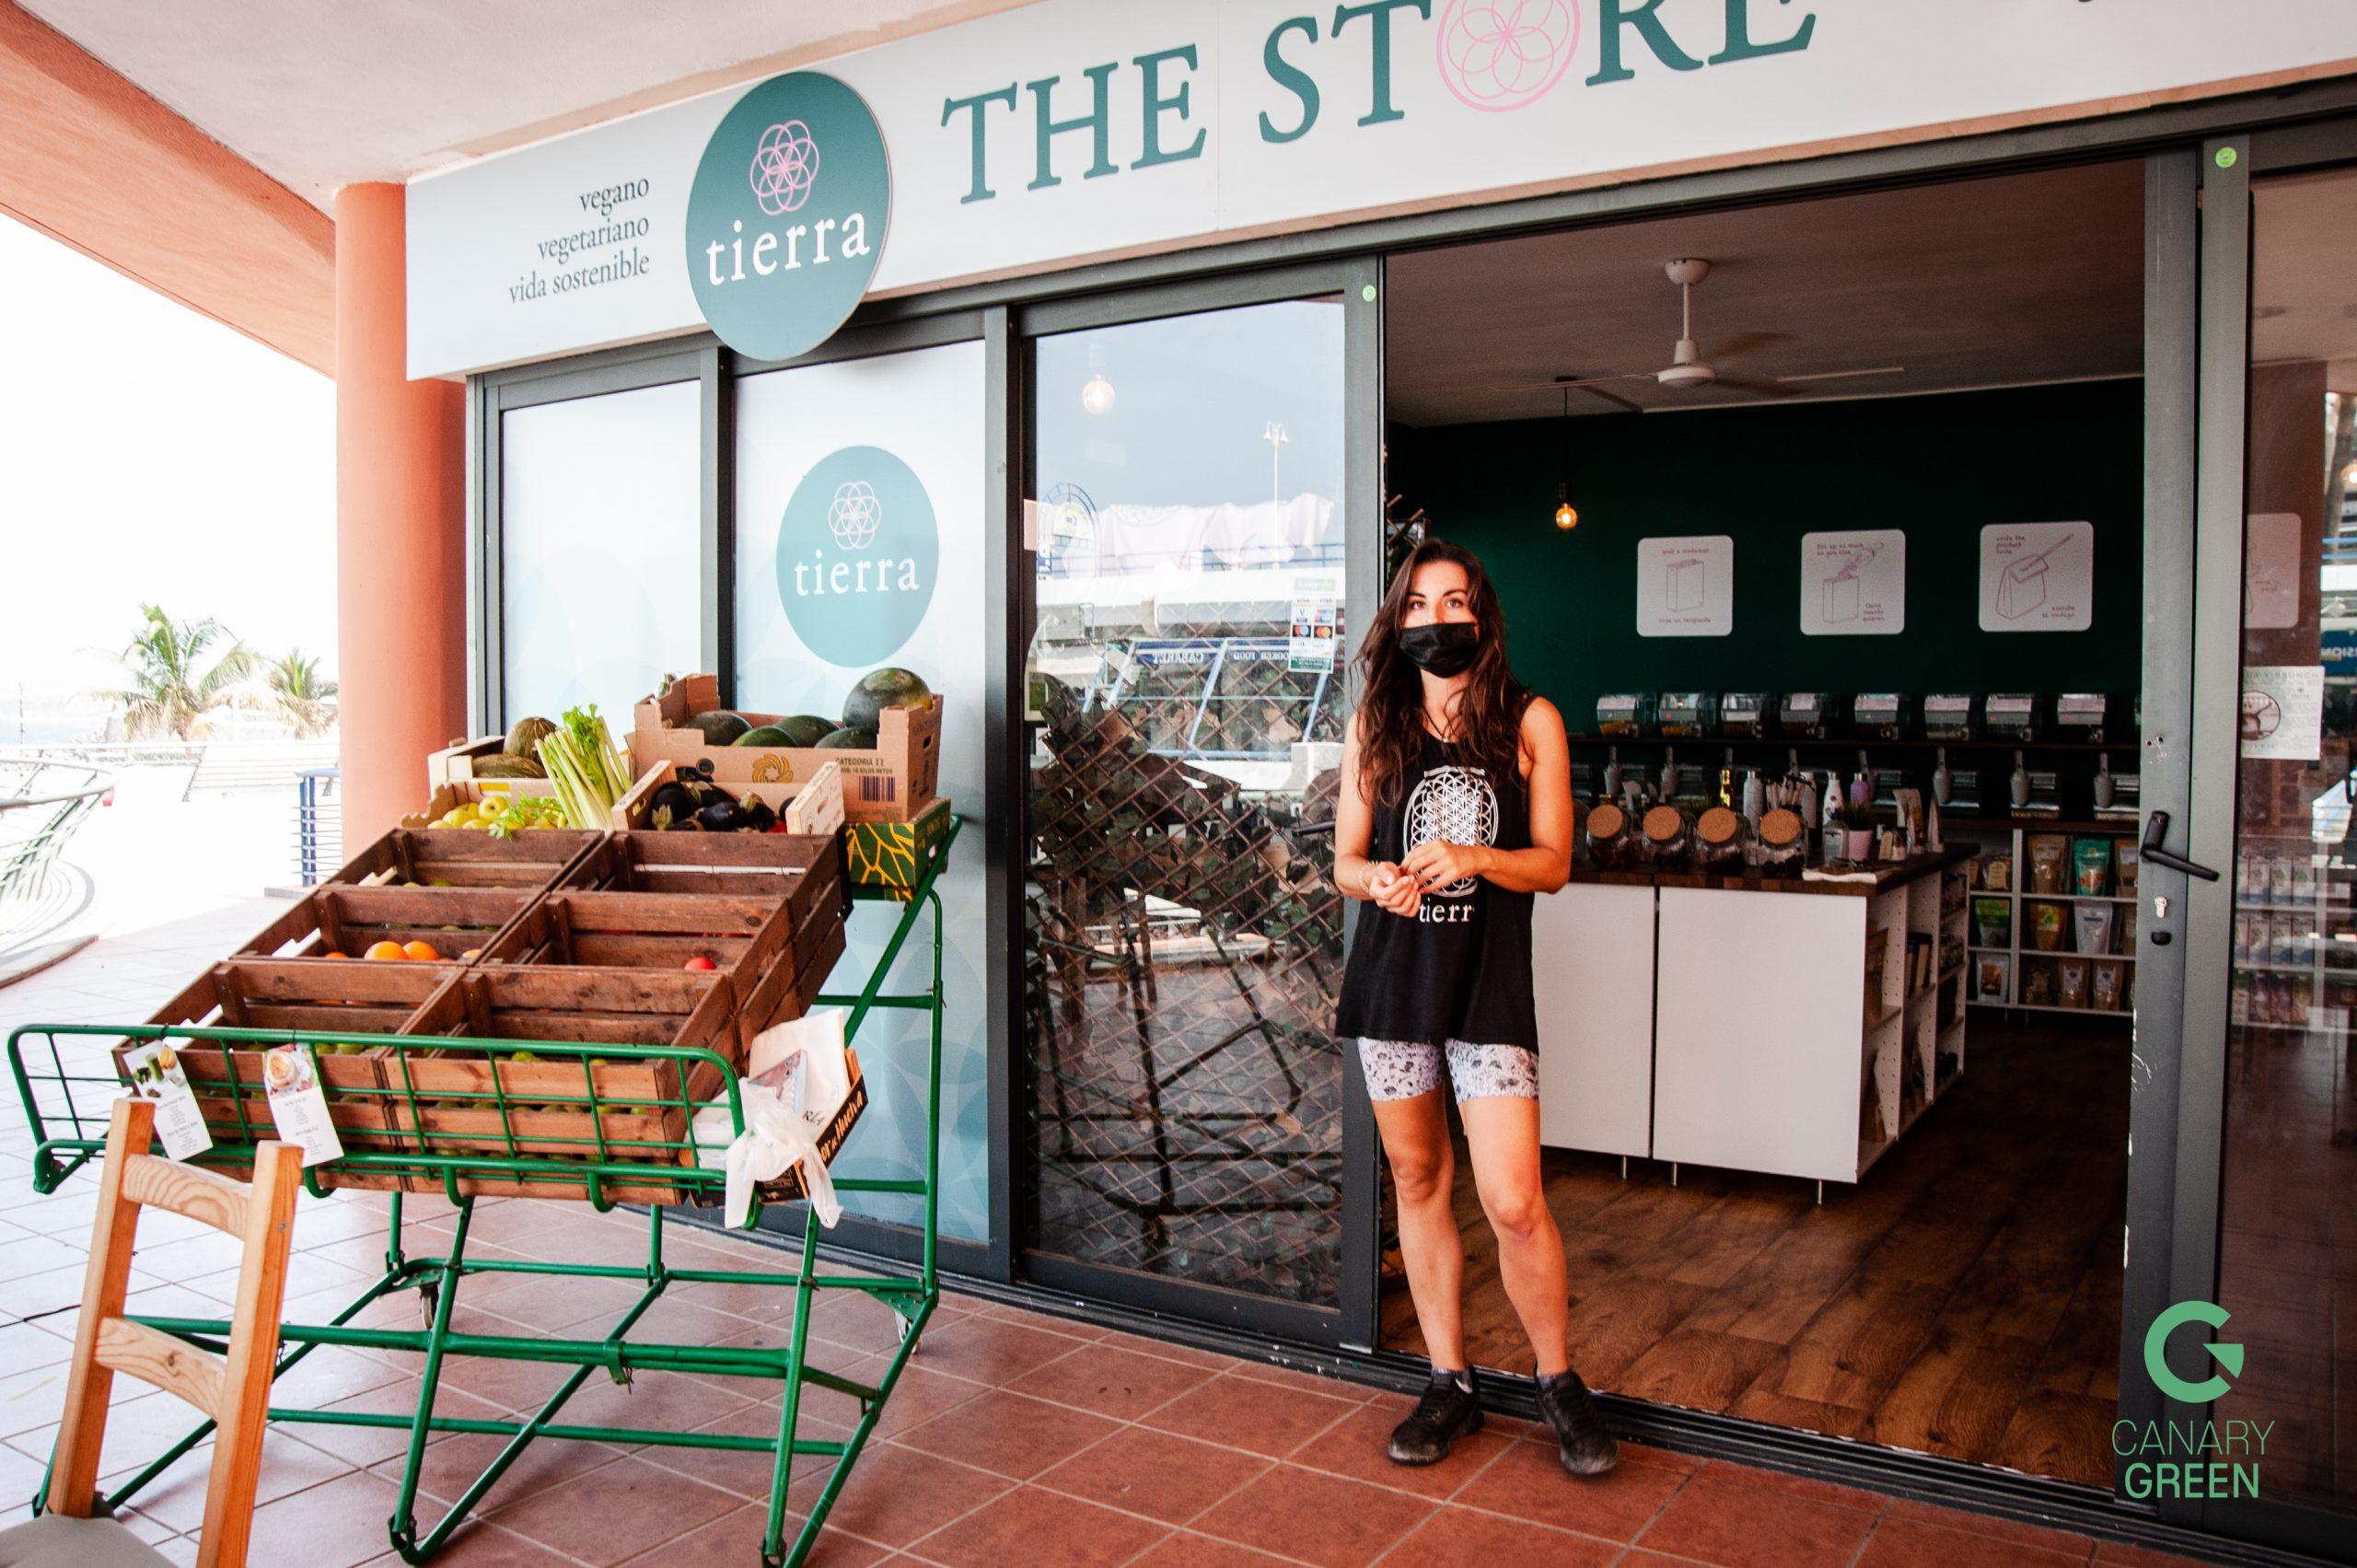 Vegan Restaurant Tenerife, Tierra Food